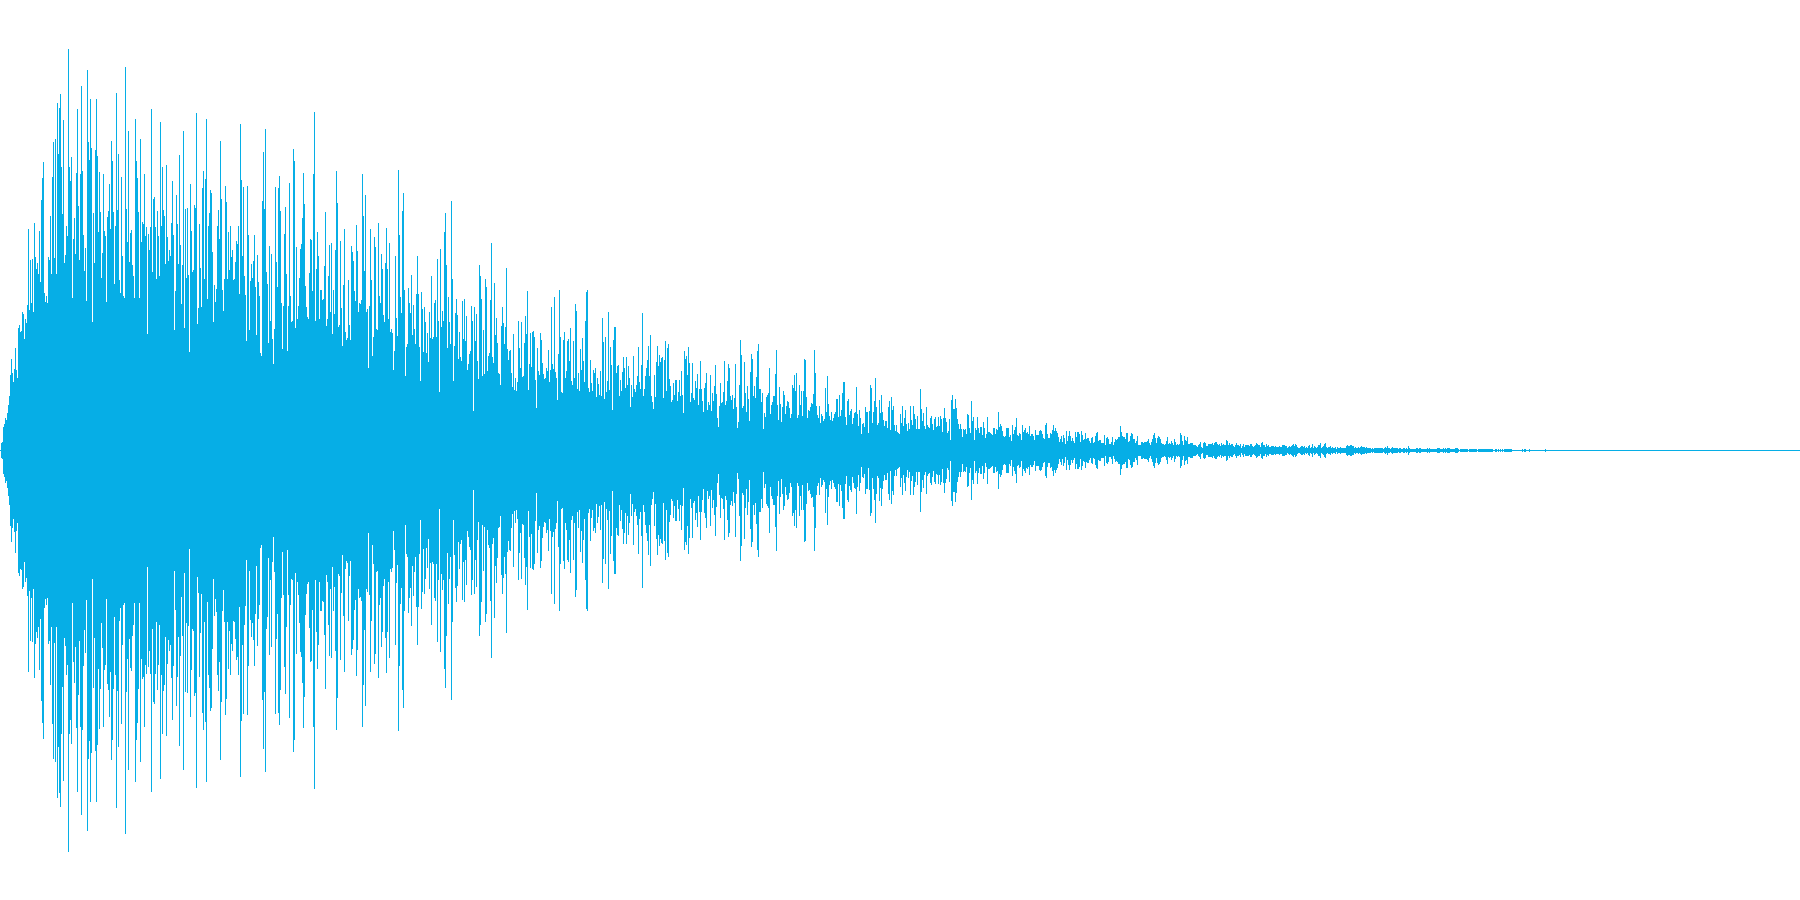 シュウウッ(文字などが出現する音などの再生済みの波形